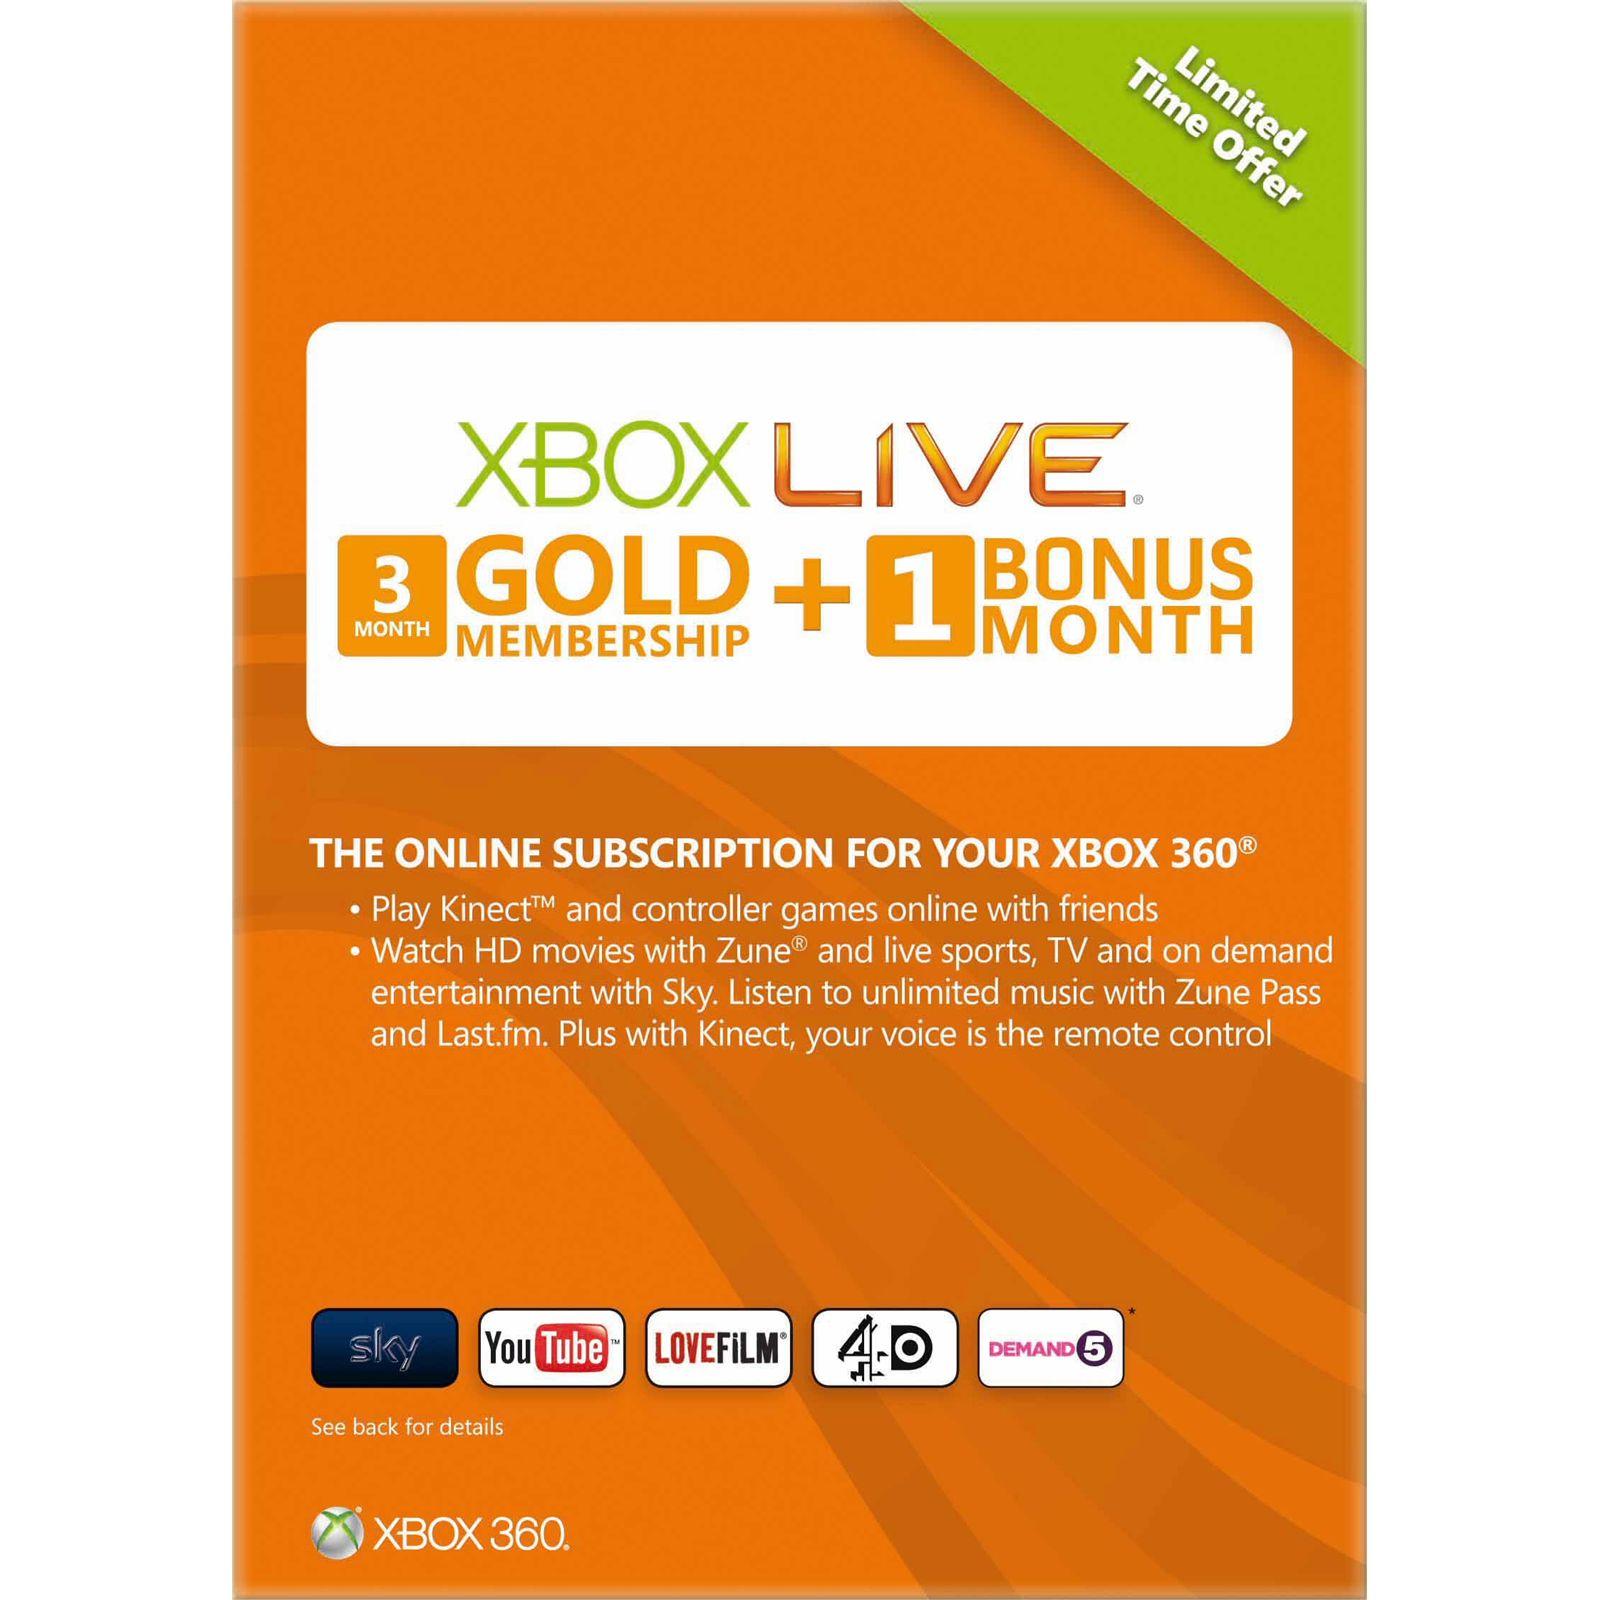 فروش کارت های شبکه لایو با قیمت مناسب - Gift Card Xbox